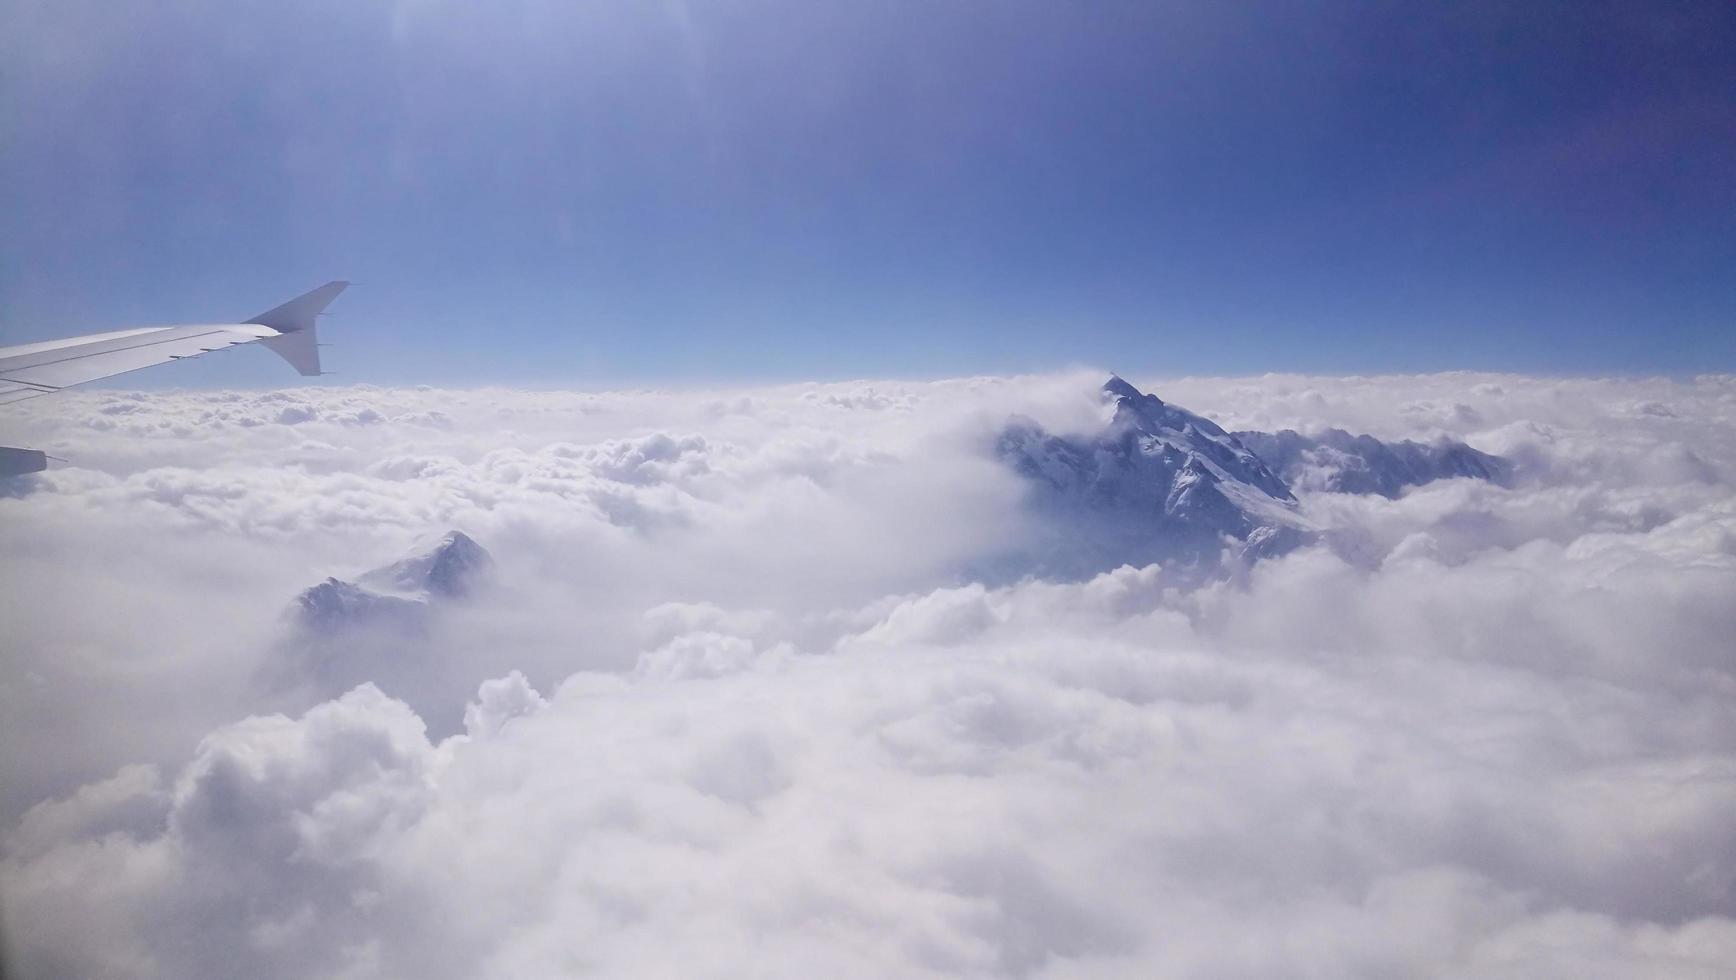 Berggipfel taucht aus Wolke auf foto